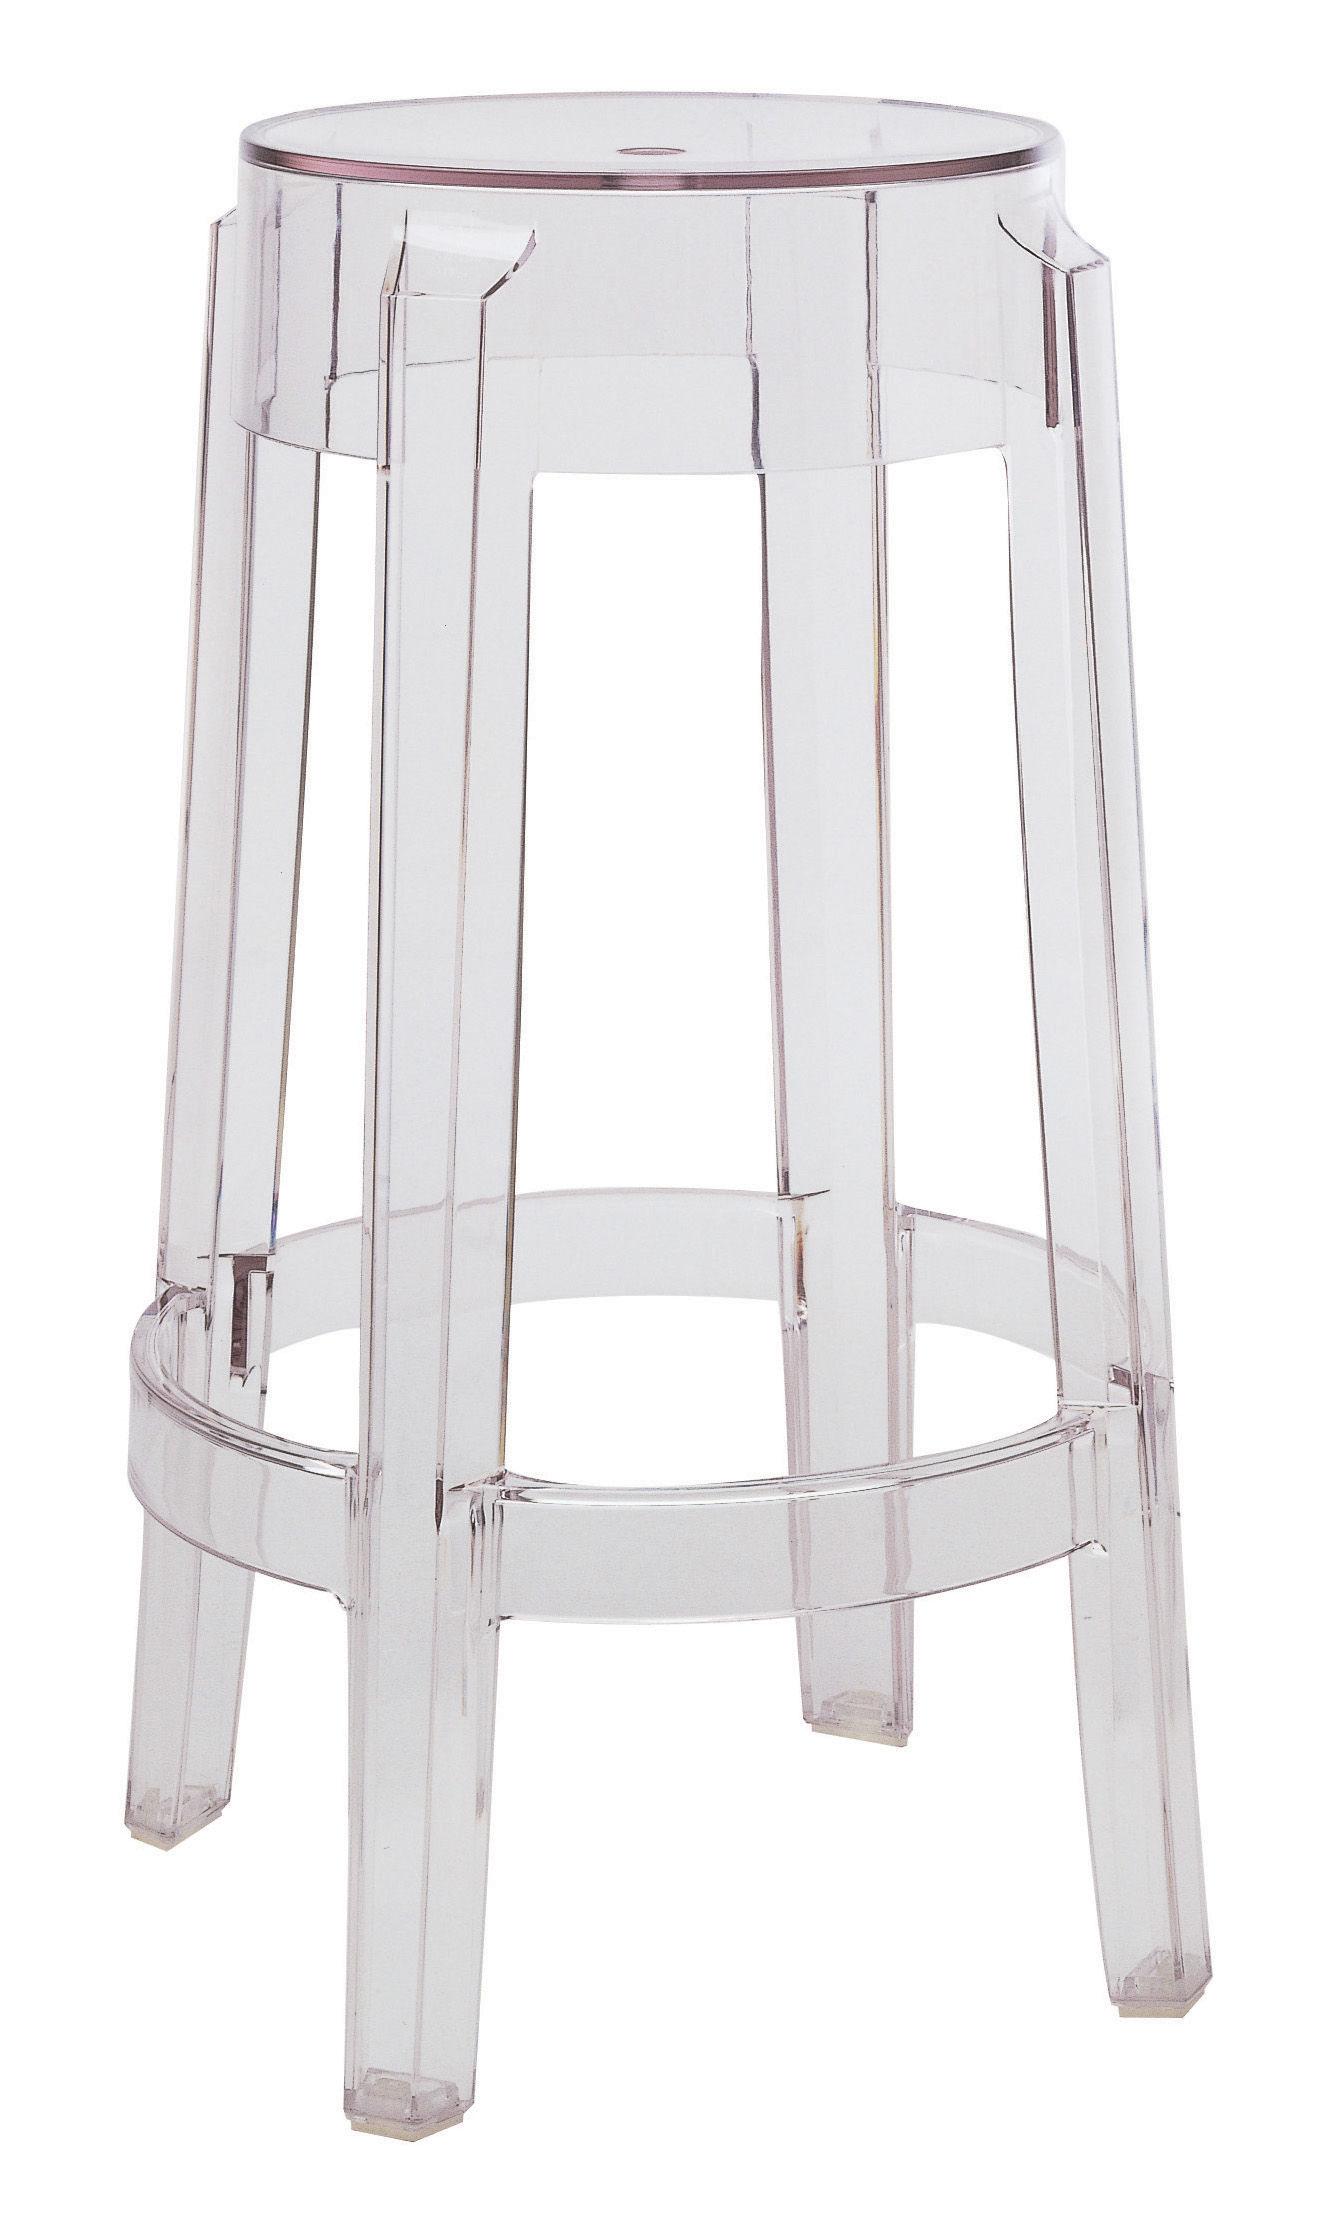 scopri sgabello alto charles ghost h 65 cm trasparente di kartell made in design italia. Black Bedroom Furniture Sets. Home Design Ideas